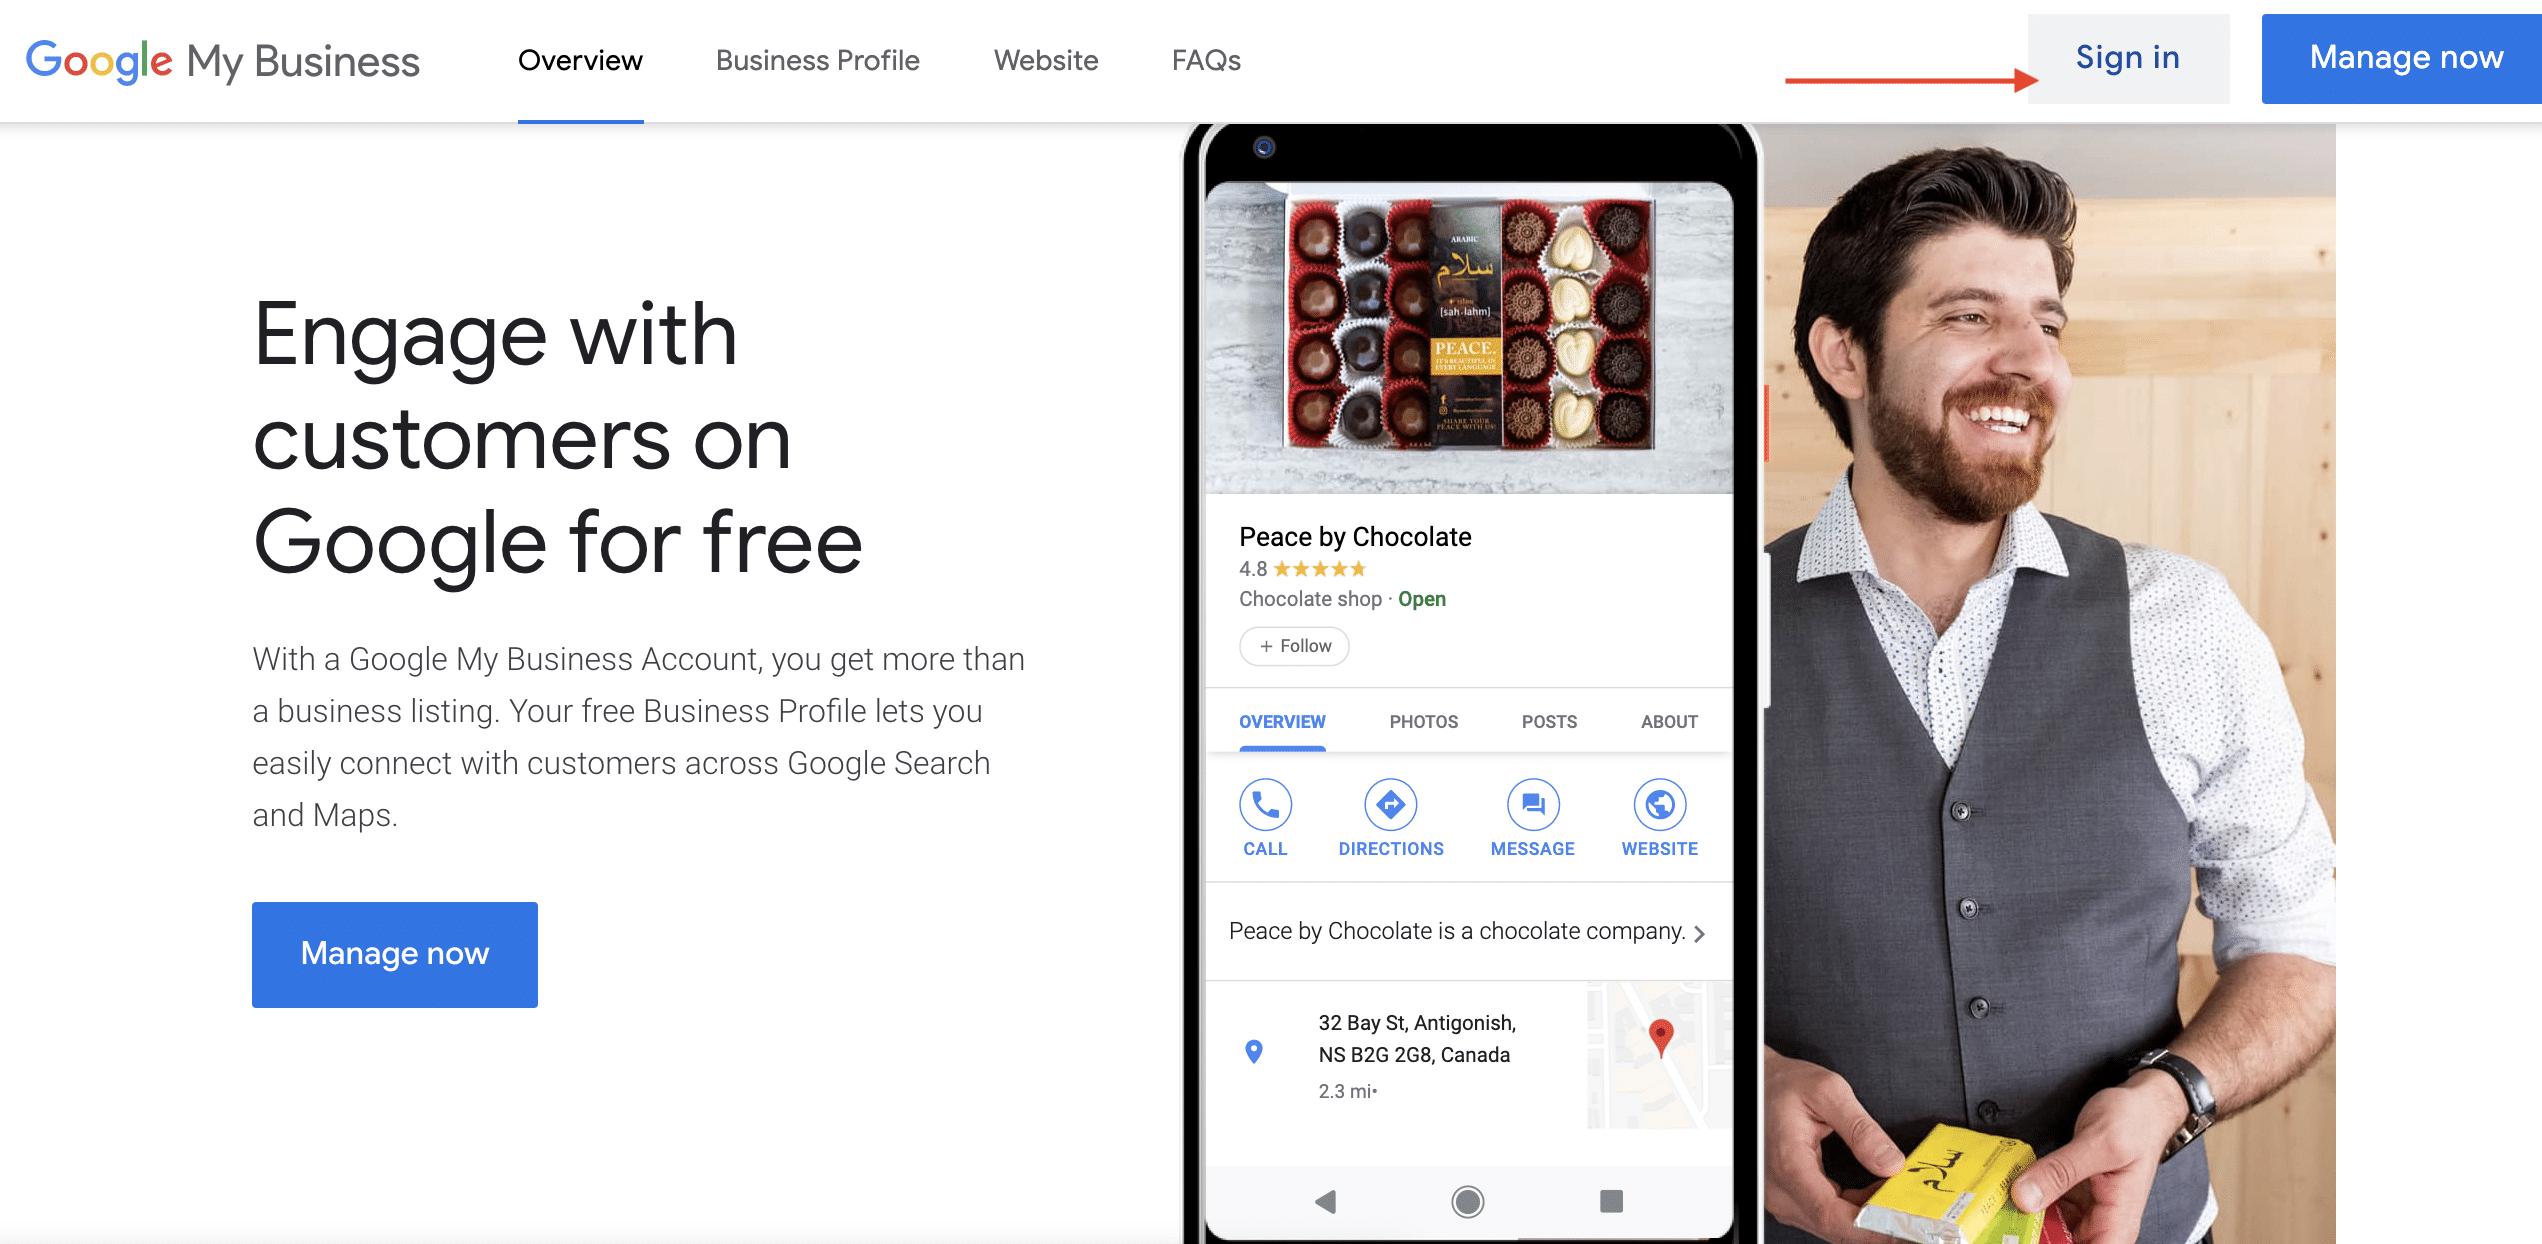 Melden Sie sich bei Google My Business an